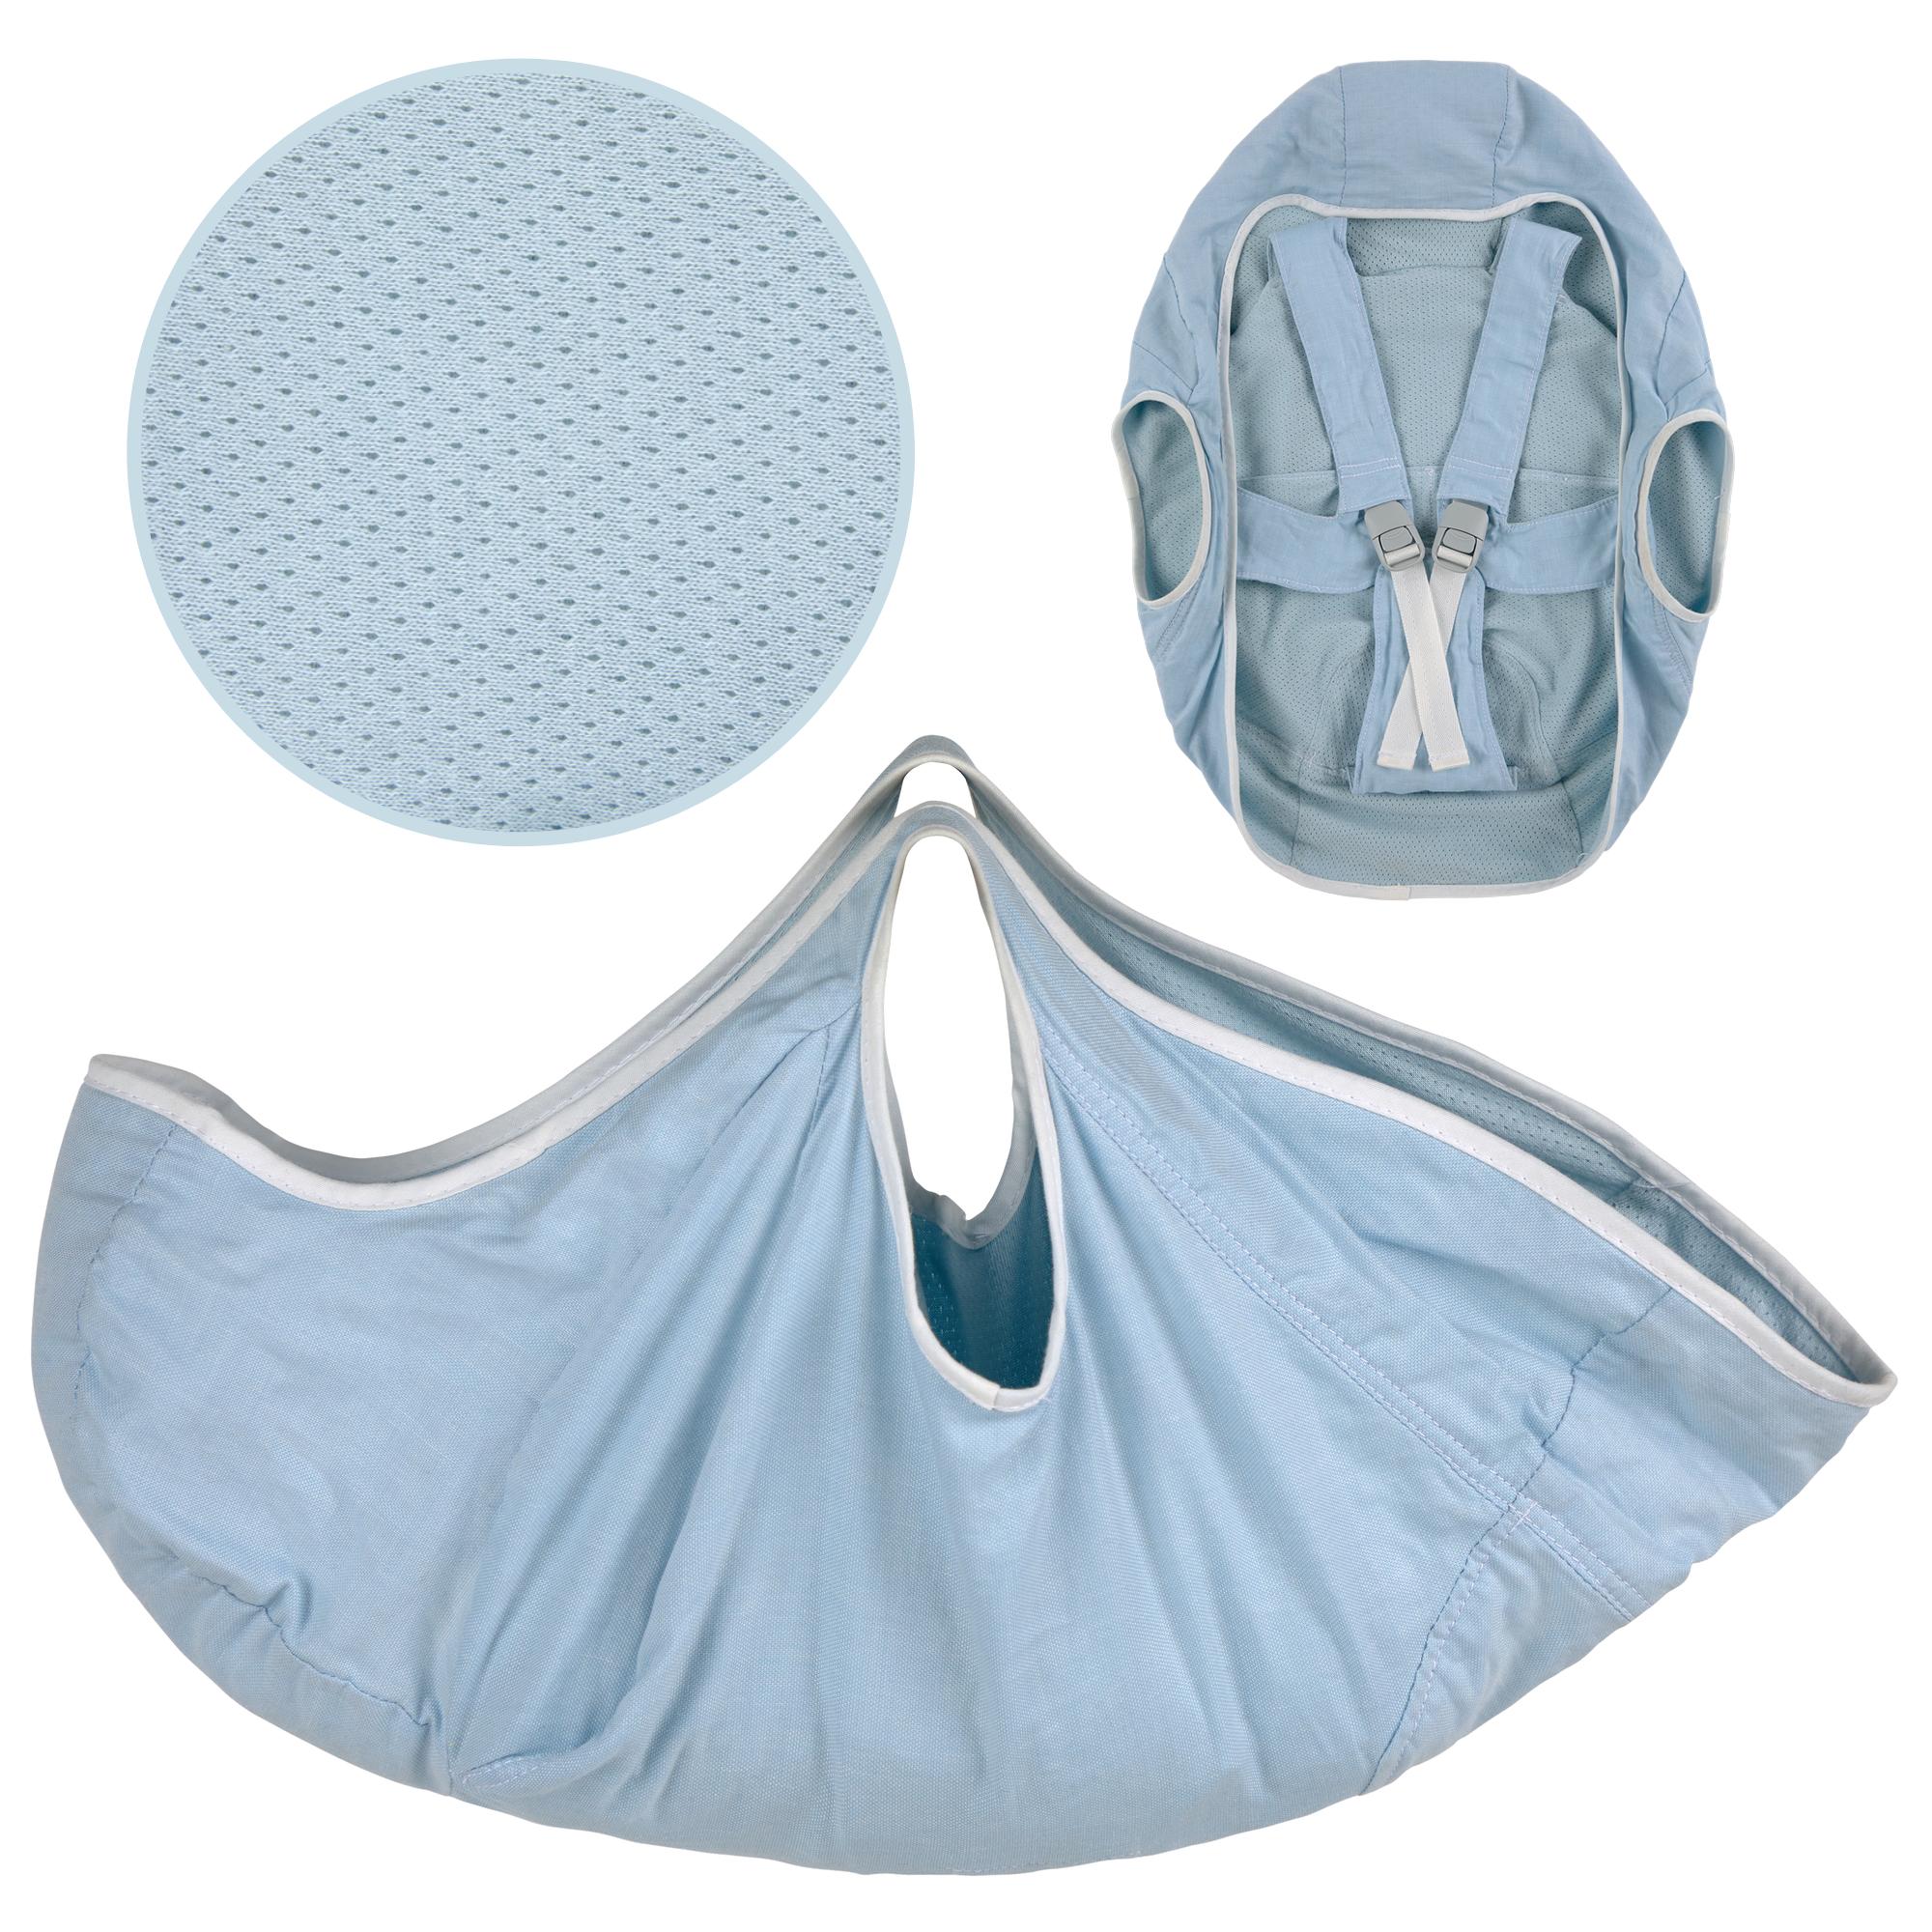 Nosidło dla noworodka wyspa kobiet